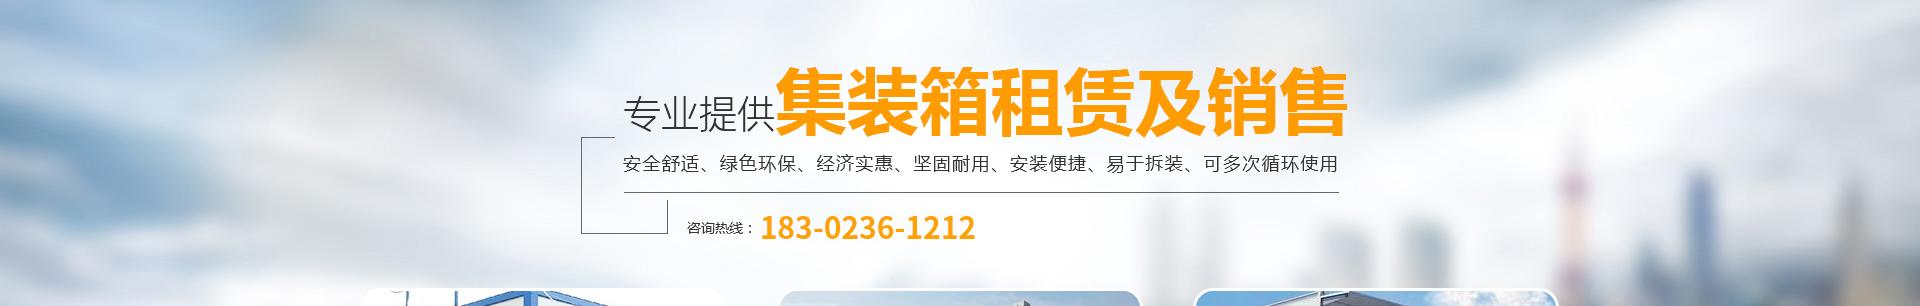 重庆住人集装箱厂家